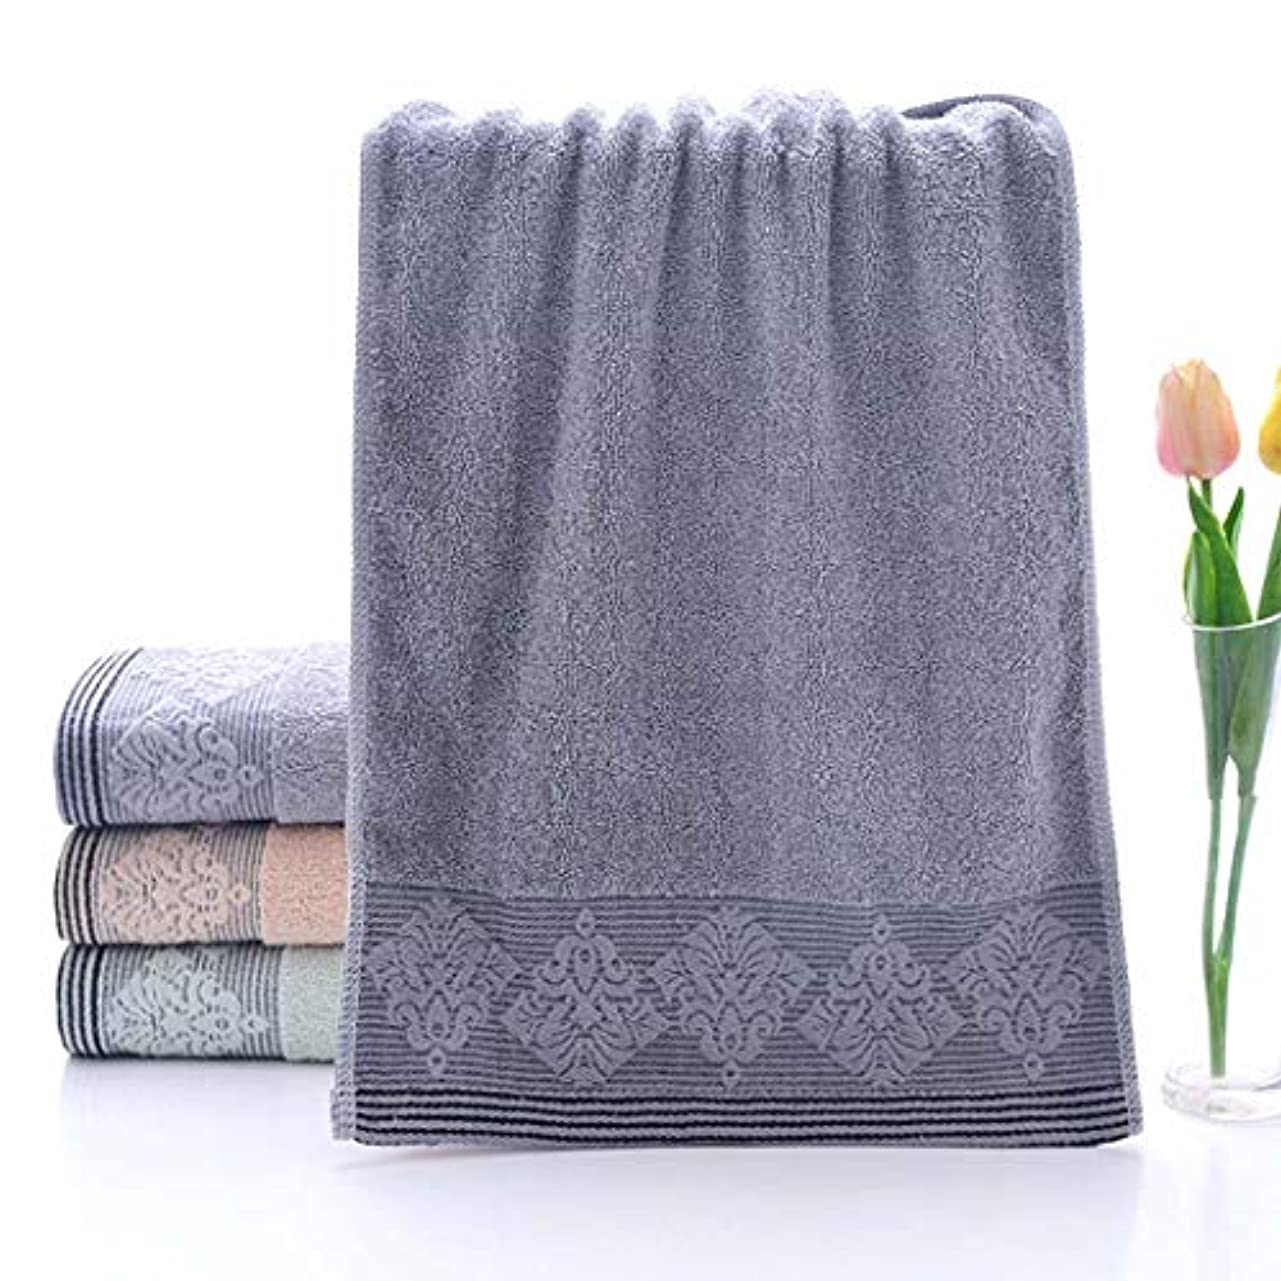 アレルギーエスカレートボクシング綿のタオルの速い乾燥したタオルのスポーツタオルの容易な心配,Gray,33*73cm